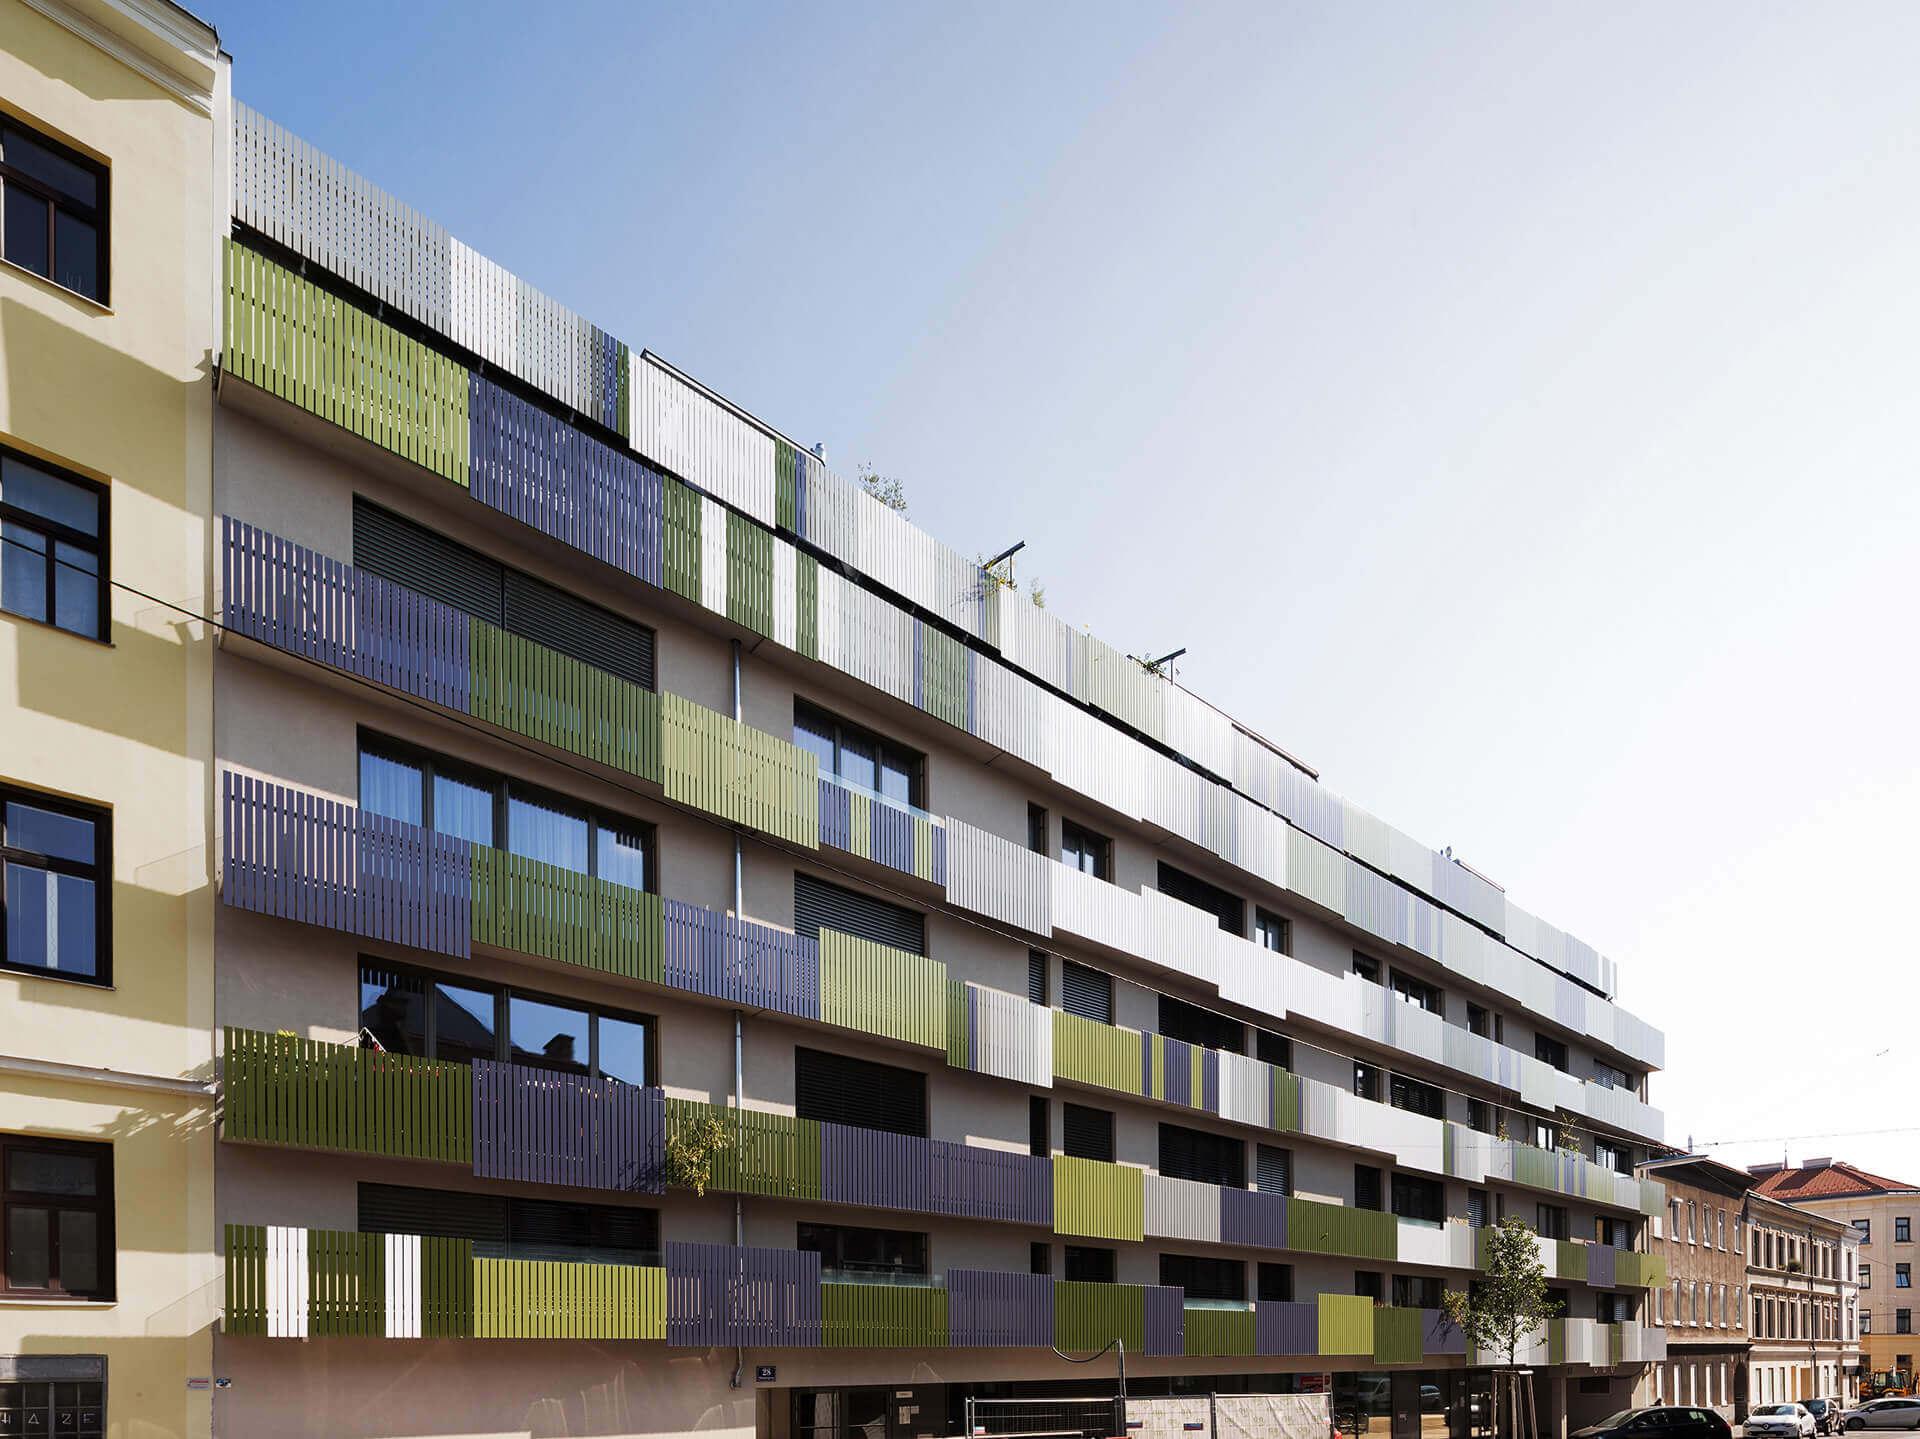 Architektur_Wien_Ottakring_Ingo_Nussbaumer_Querkraft_ODO_2017